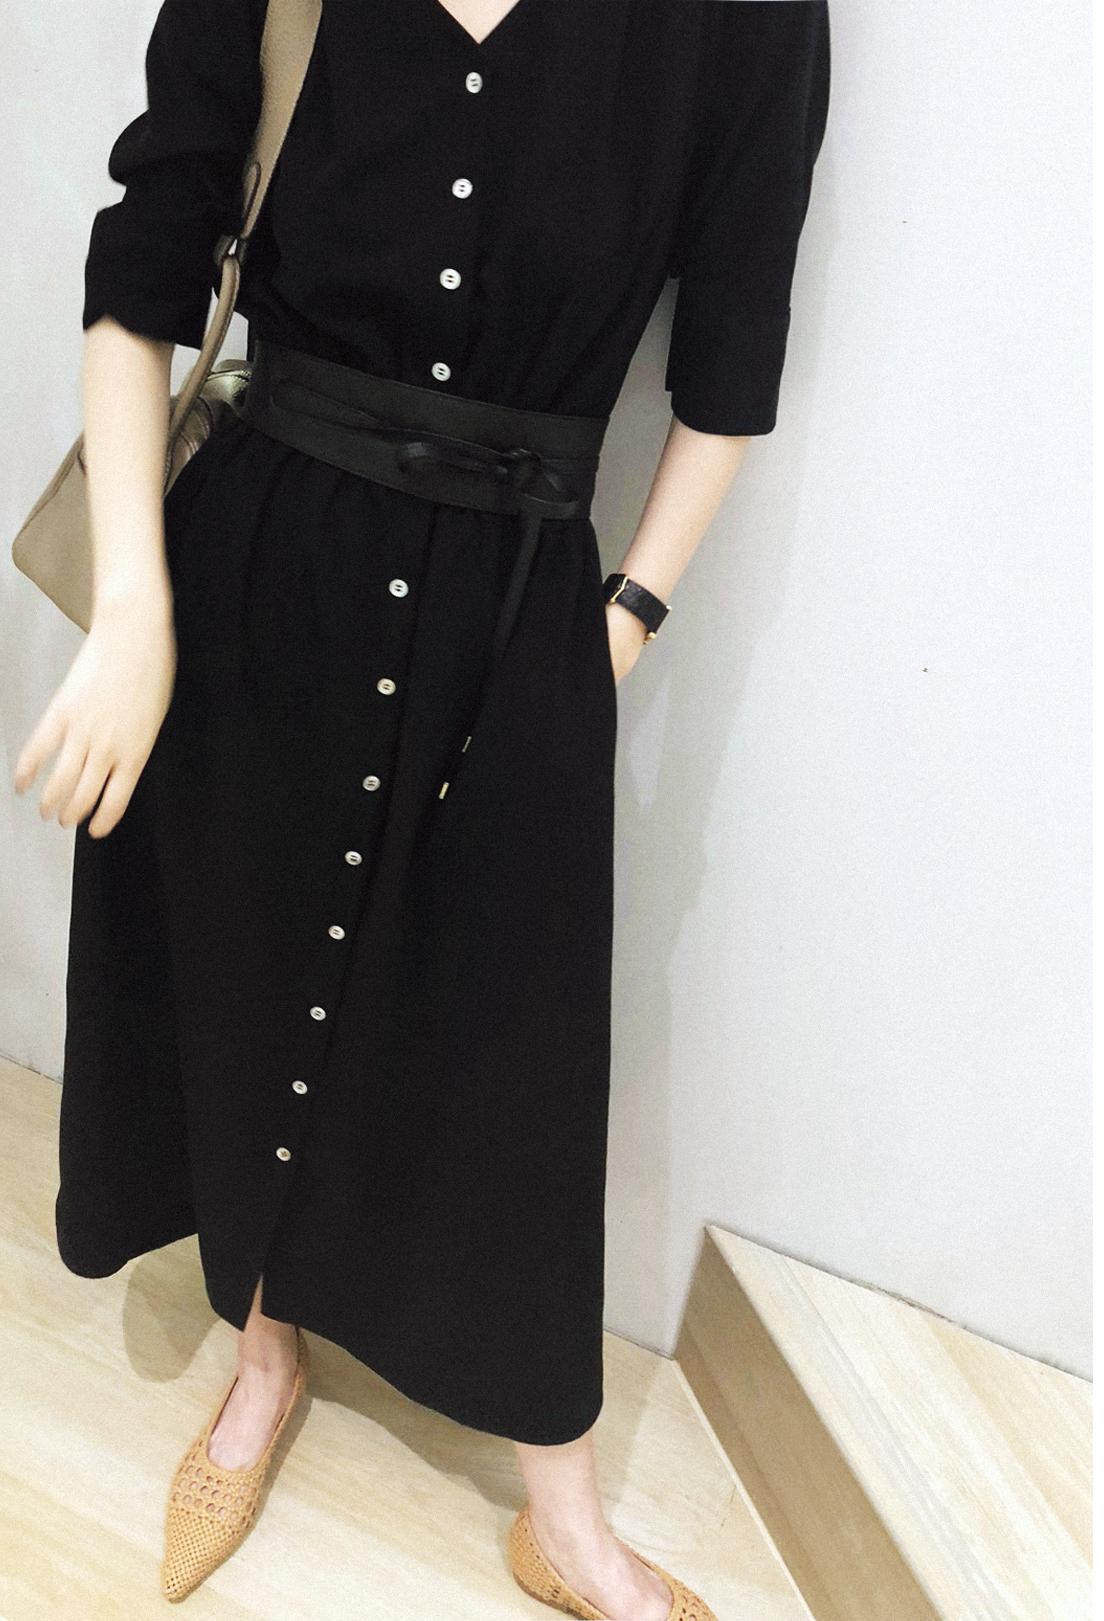 PKH.HK mùa hè đặc biệt sản phẩm mới được thu hút để thiết kế khí Chao Chao V cổ thắt lưng đầm